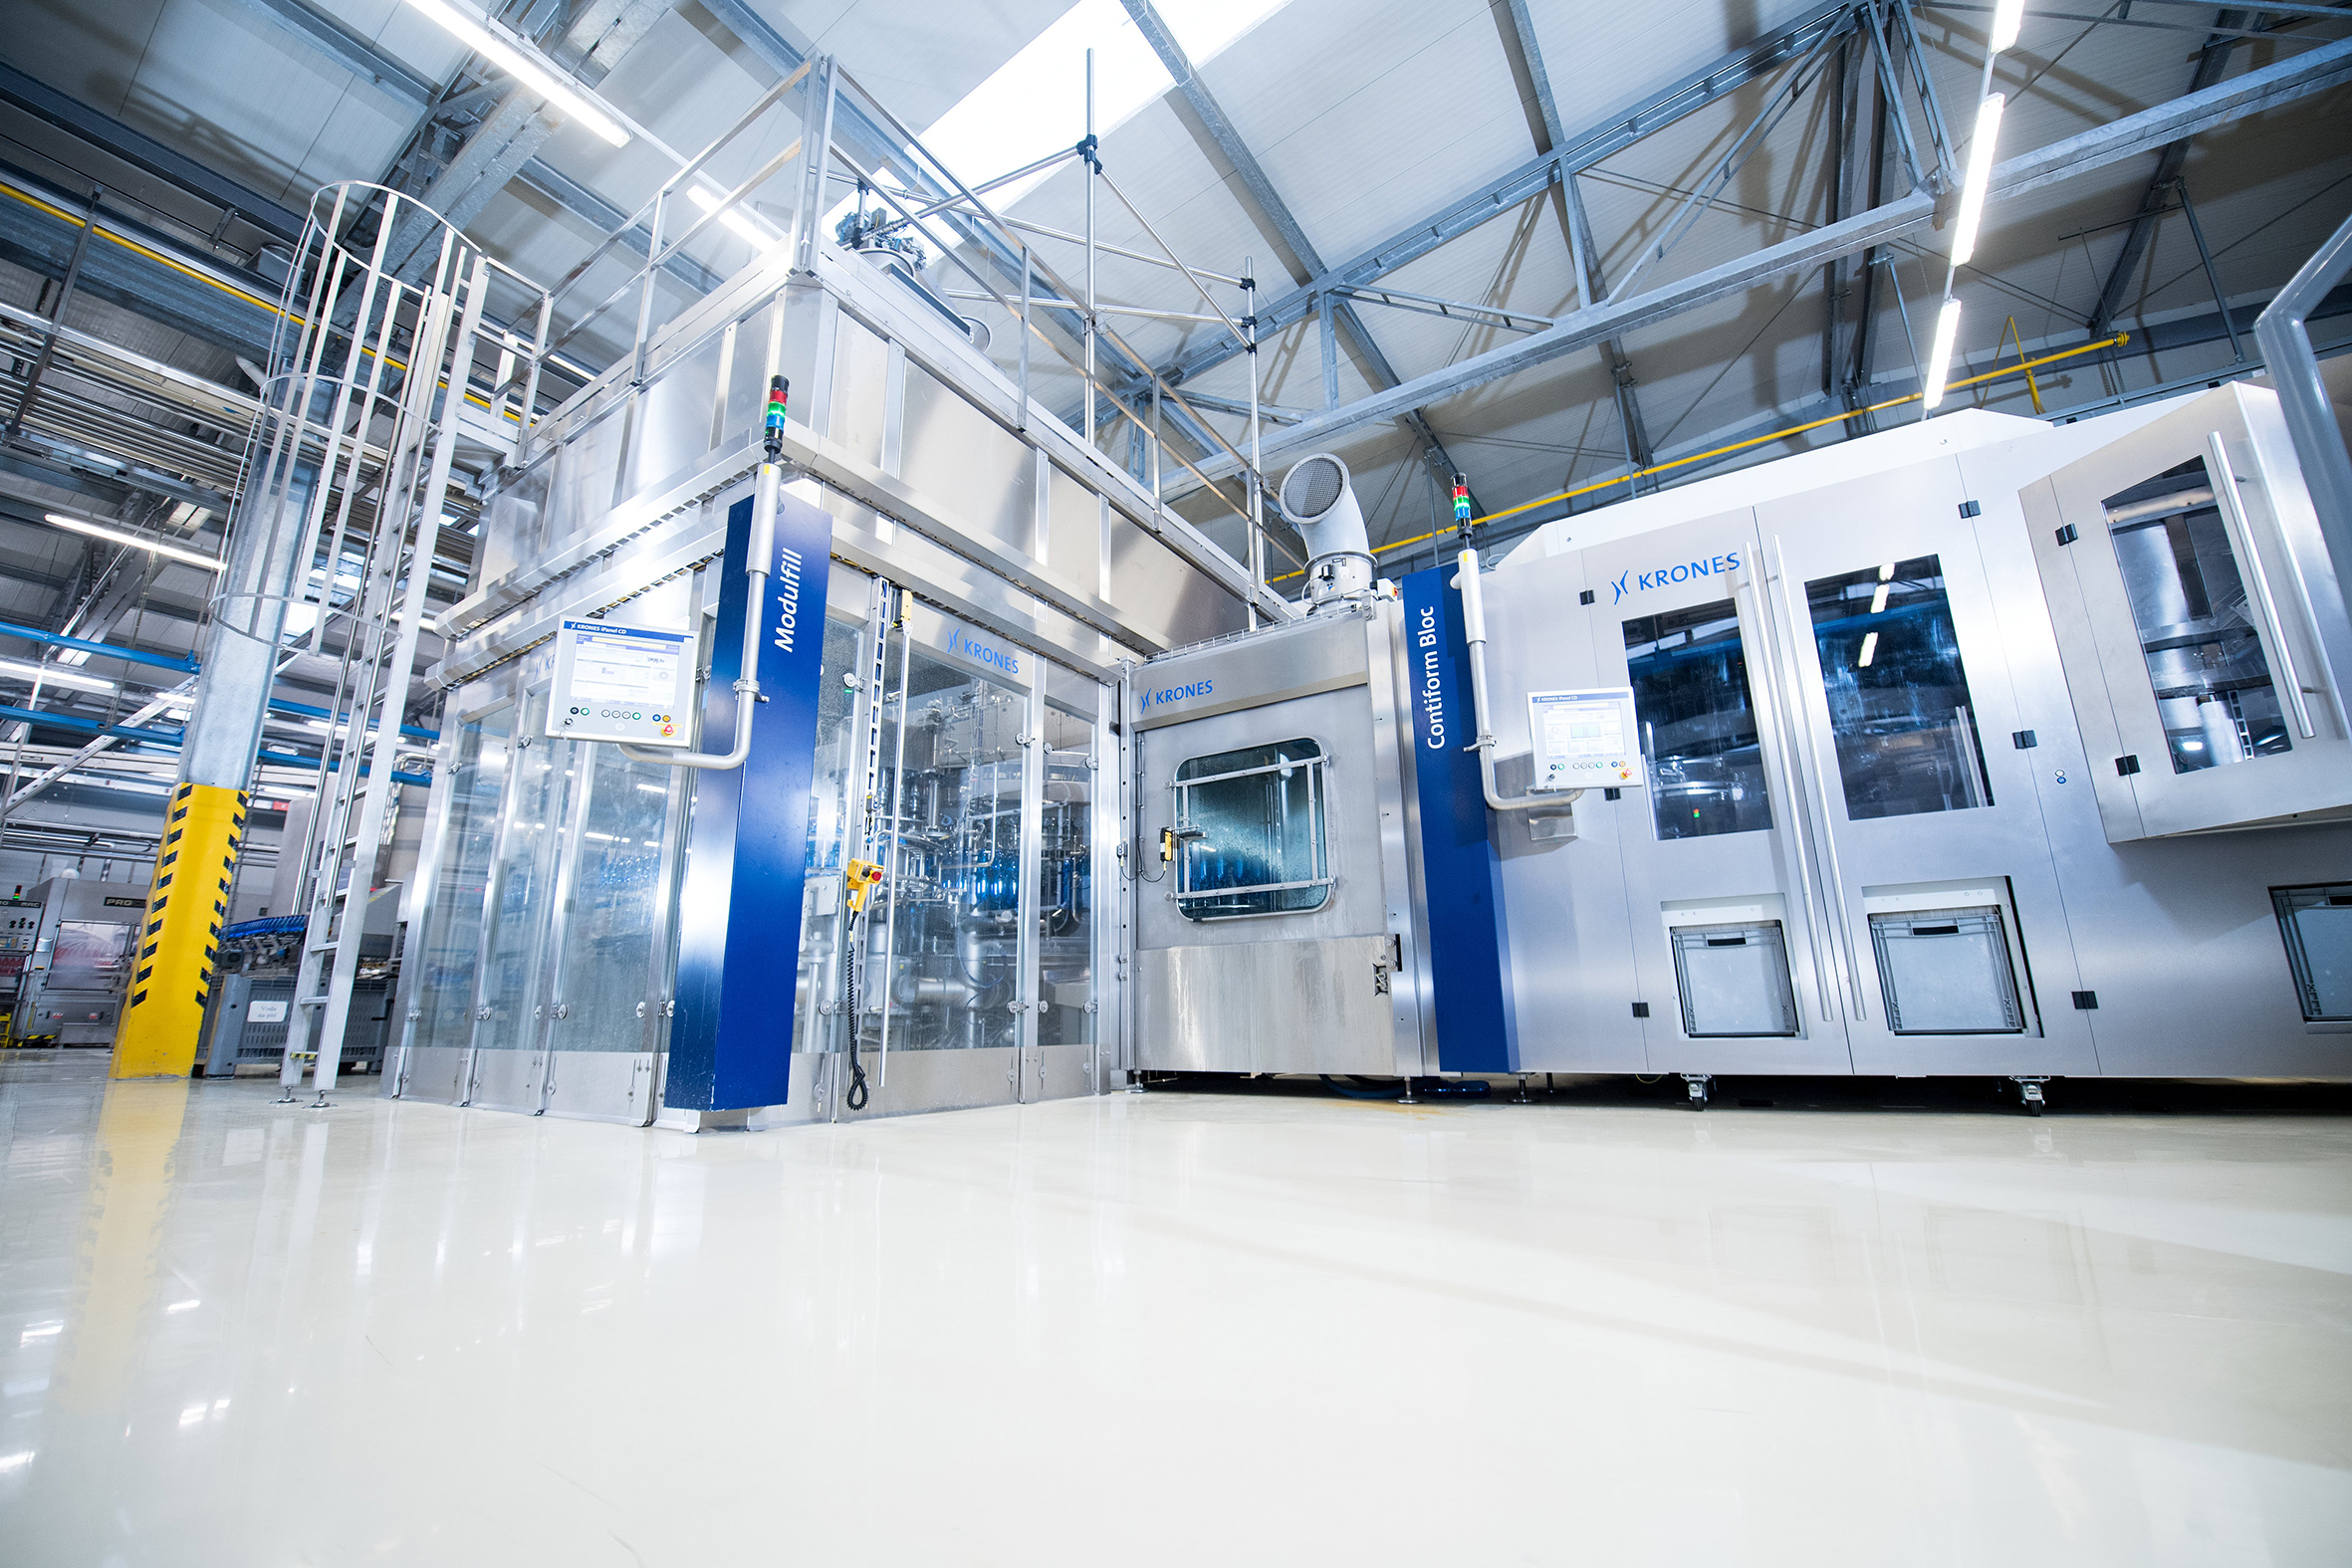 Spoločnosť Krones inštaluje frontálne doskové rozhranie od Murrelektronik do svojich rozvodných skríň a korpusov strojov a vytvára tak bezpečný prístup k riadeniu. (Obr.: Krones AG)